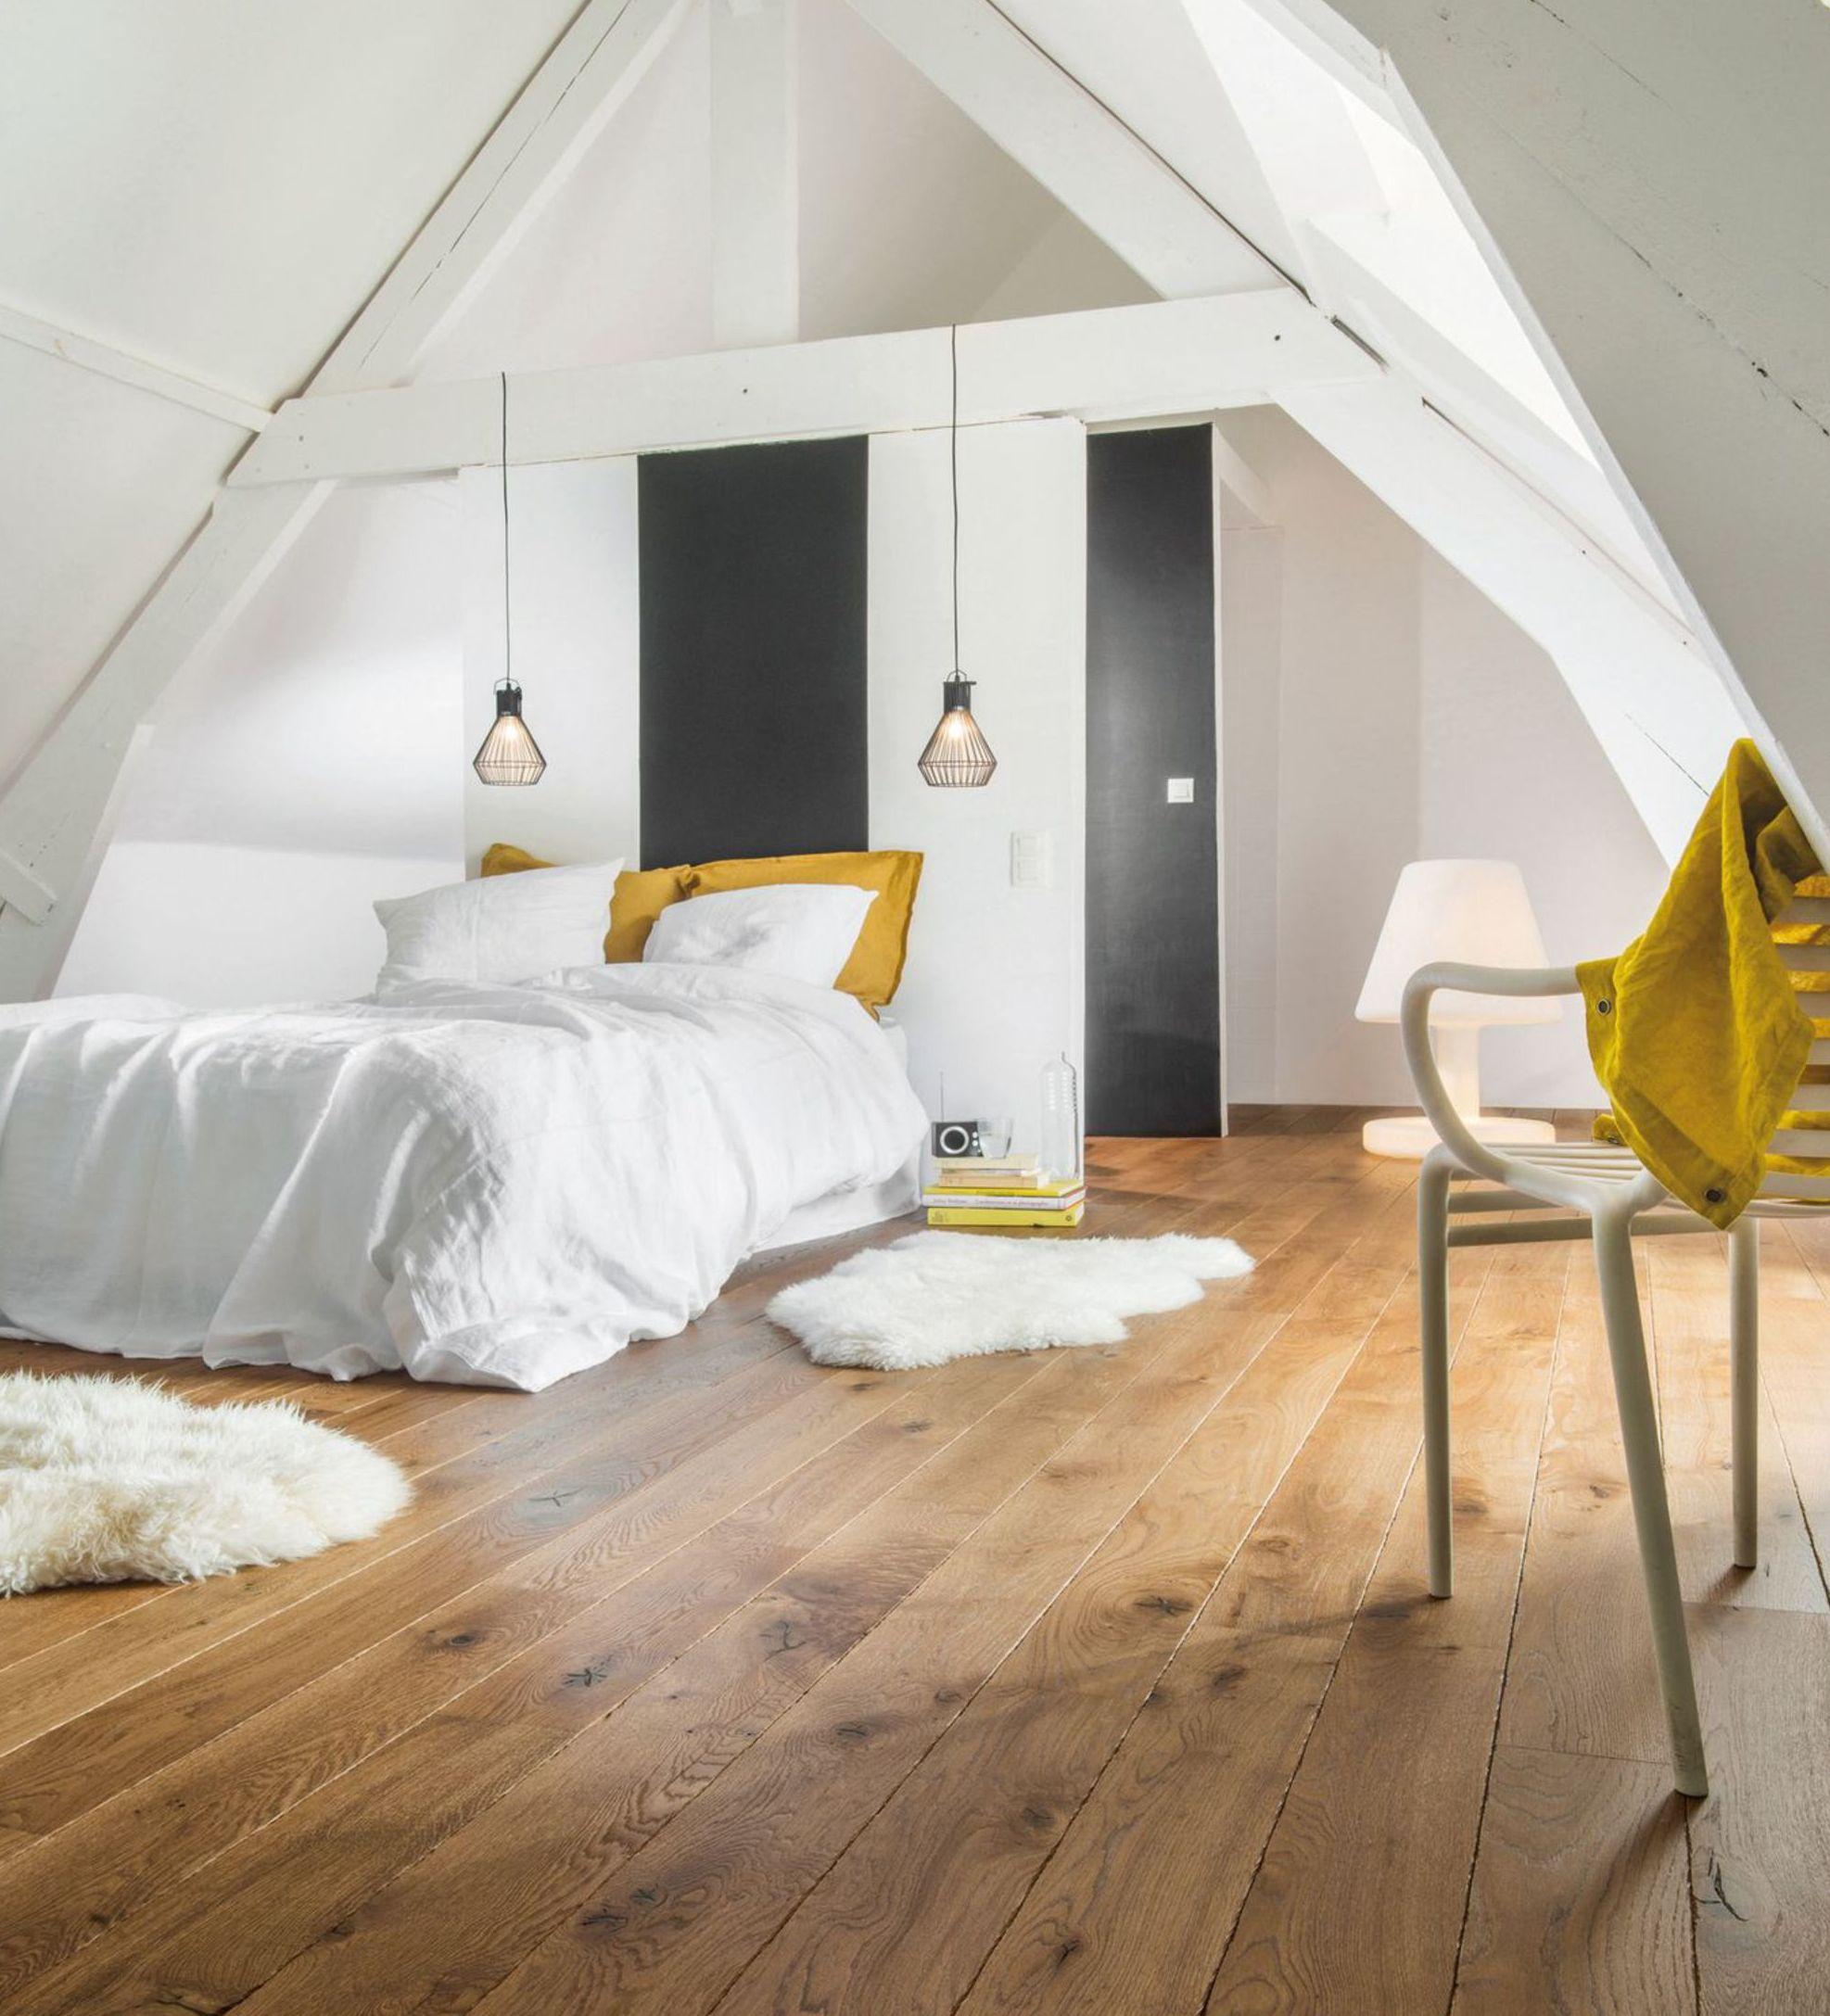 coups d 39 oeil sur la toile 6 le buzz de rouen. Black Bedroom Furniture Sets. Home Design Ideas